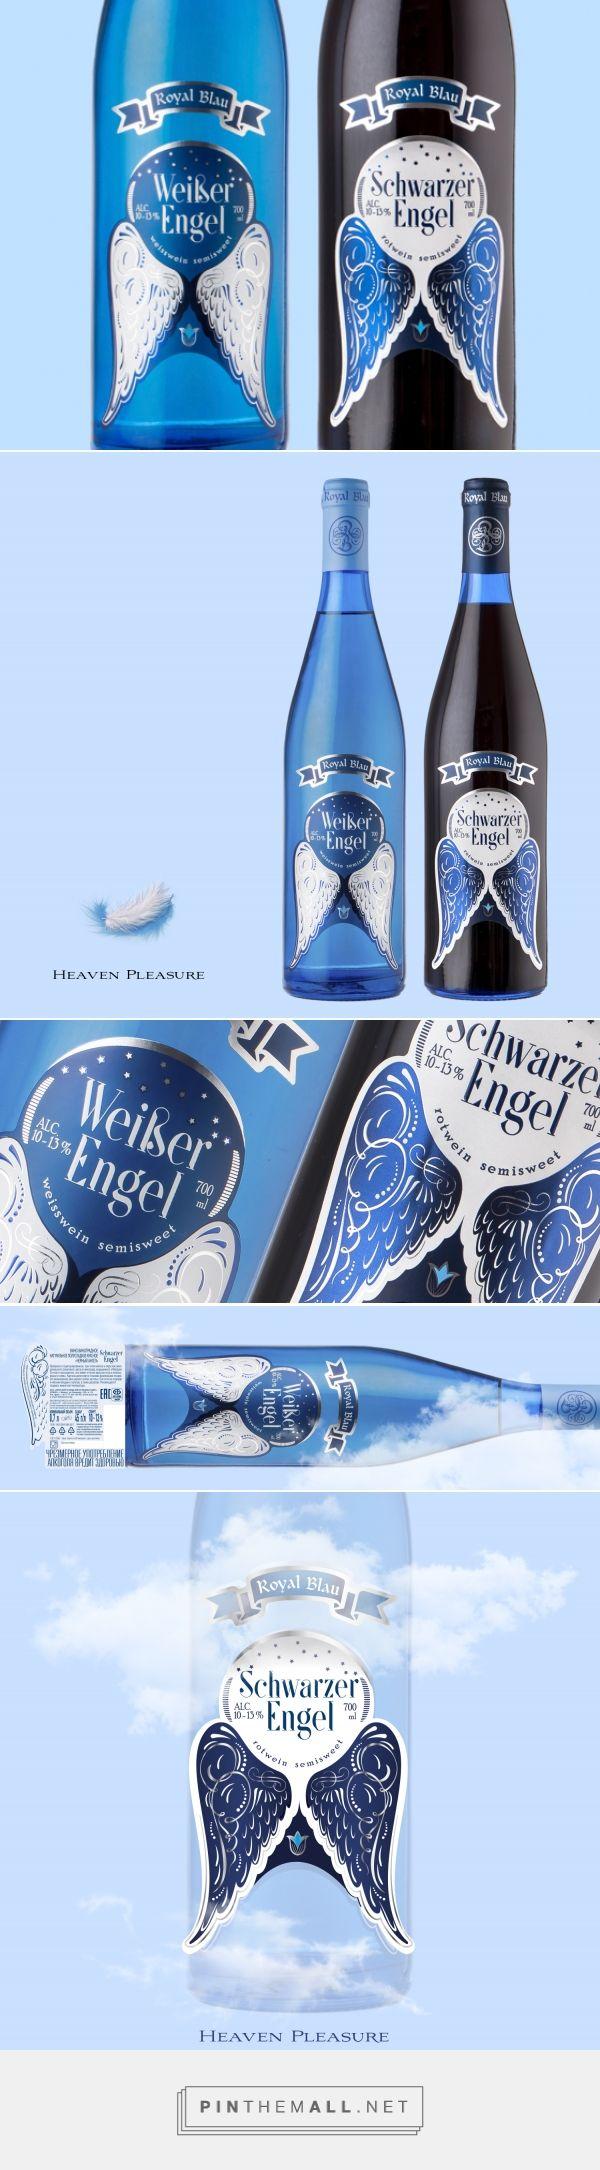 Royal Blau: Weiber Engel / Schwarzer Engel - Packaging of the World - Creative Package Design Gallery - http://www.packagingoftheworld.com/2018/01/royal-blau-weiber-engel-schwarzer-engel.html